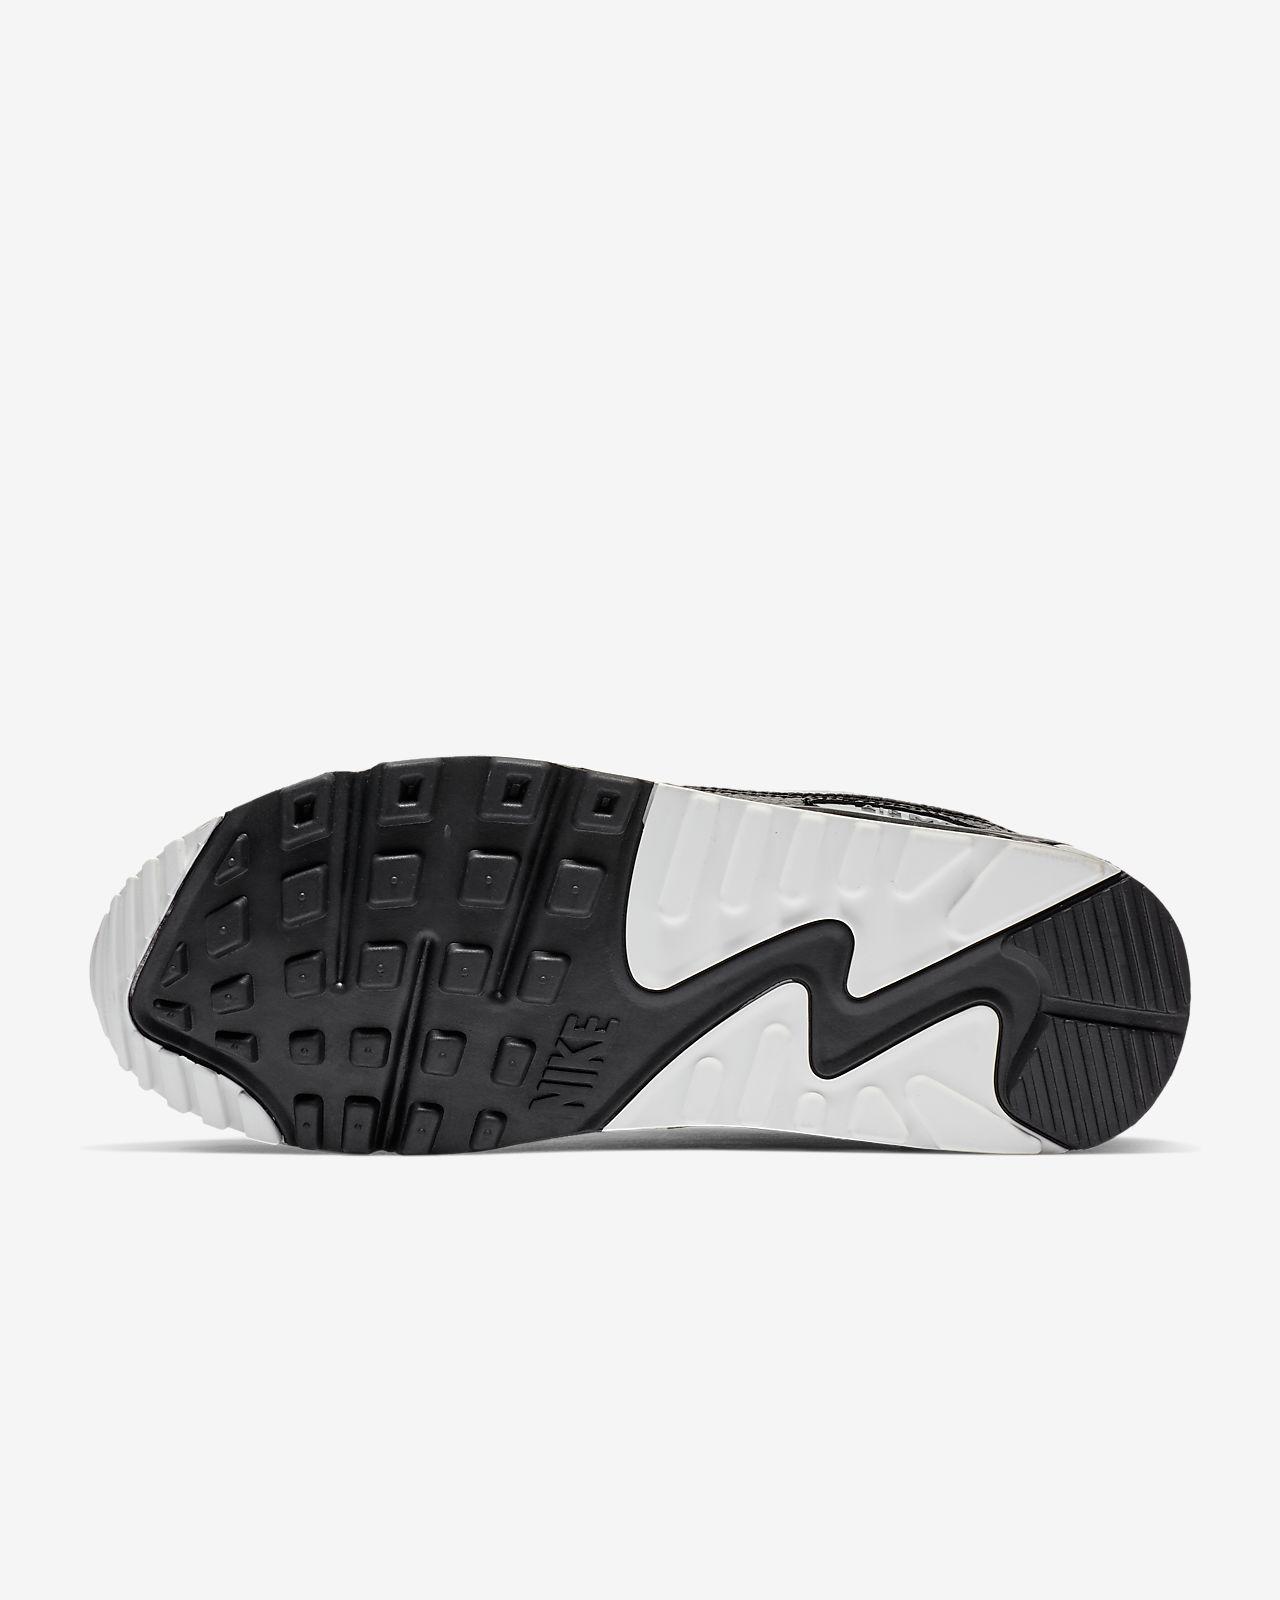 finest selection 87f8a 4fb8b ... Nike Air Max 90-sko til kvinder